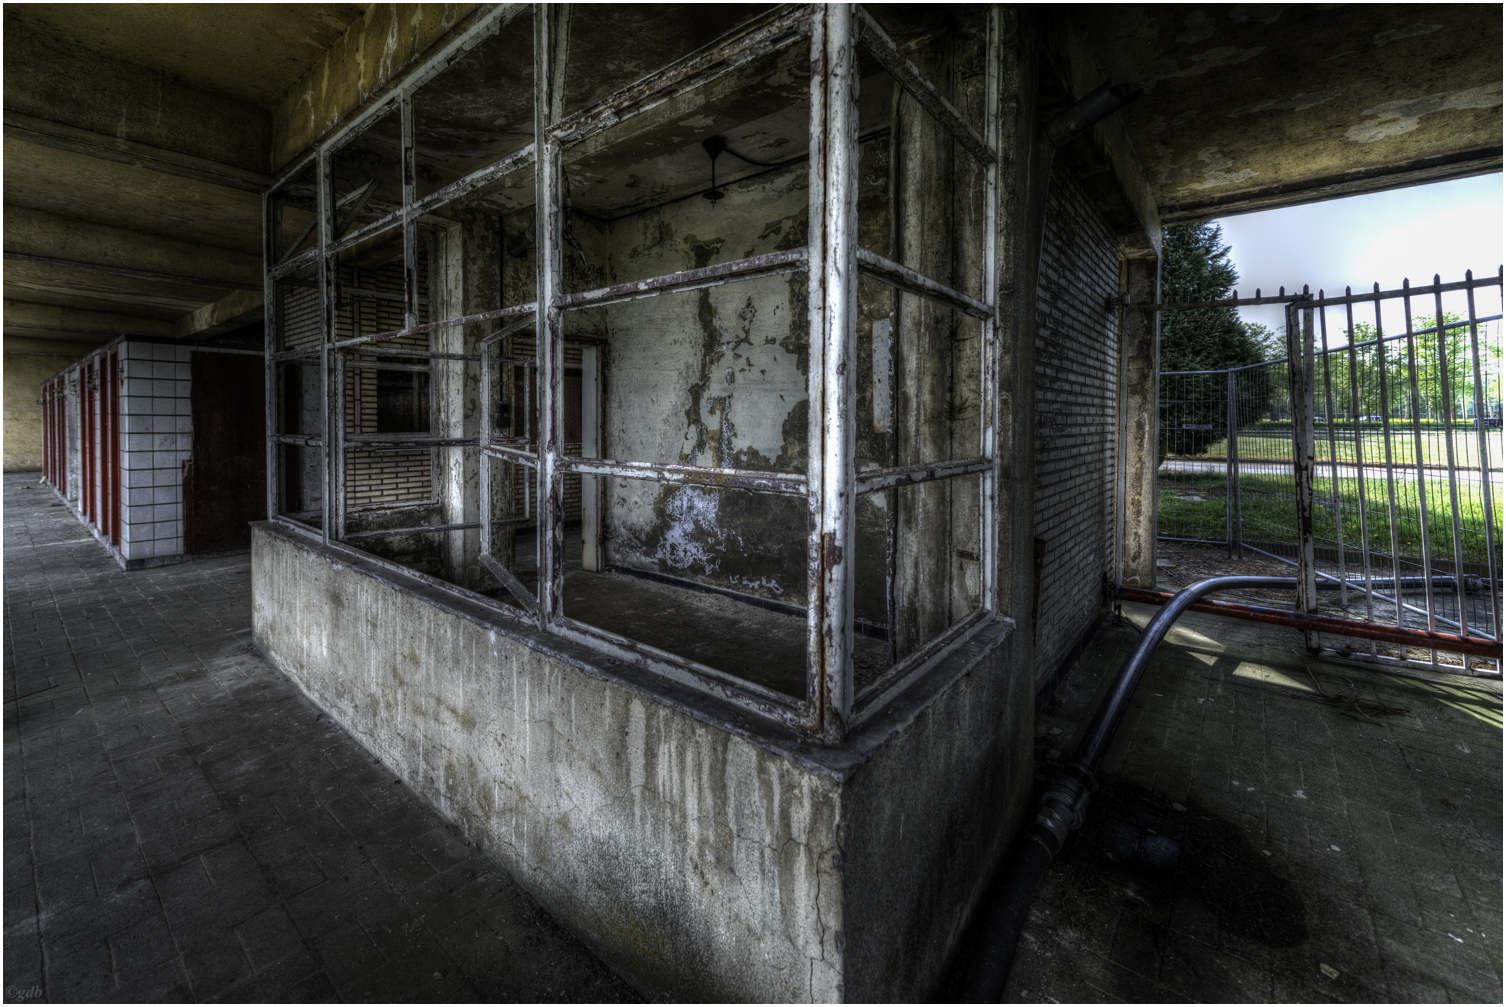 Old Swimming Pool : Urbex old swimming pool ii de brabander geert fotografie